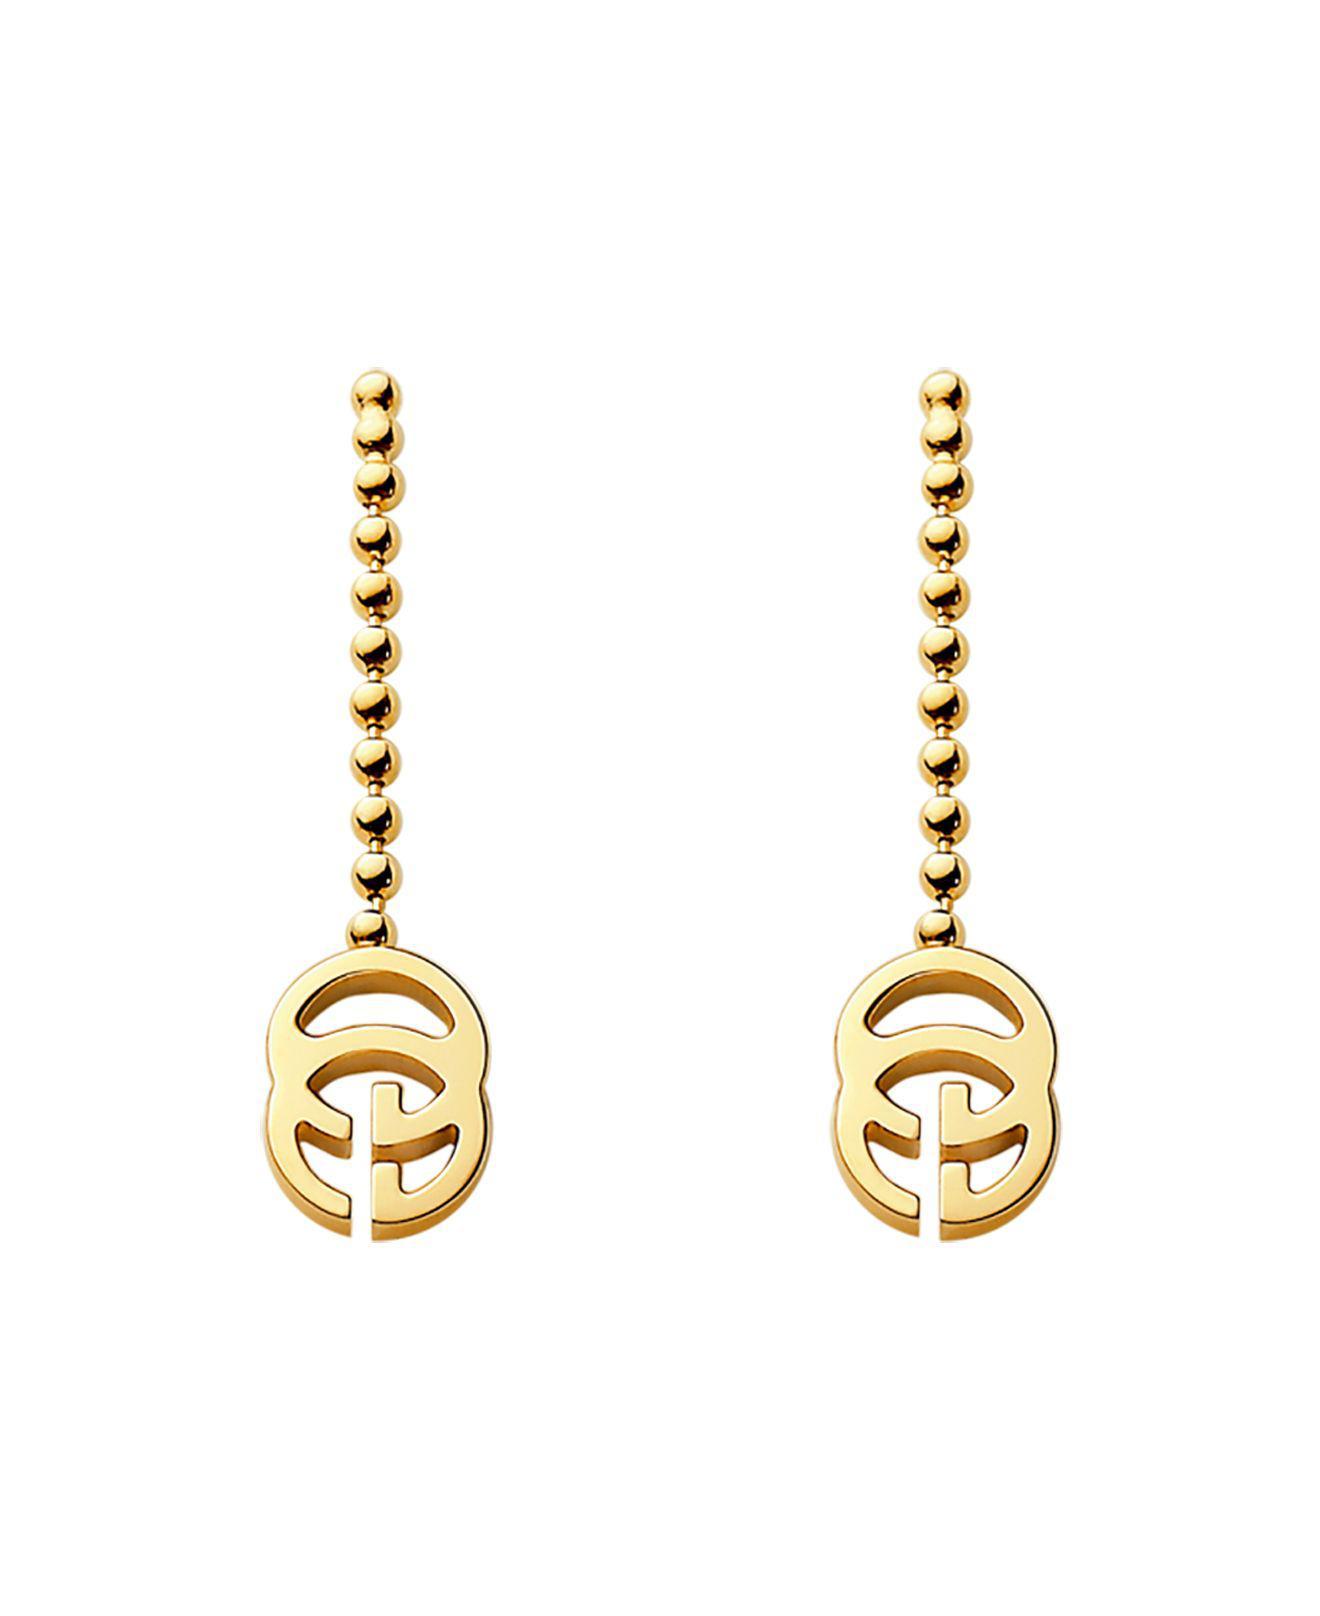 edb6f846edc Lyst - Gucci 18k Yellow Gold Running G Earrings in Metallic